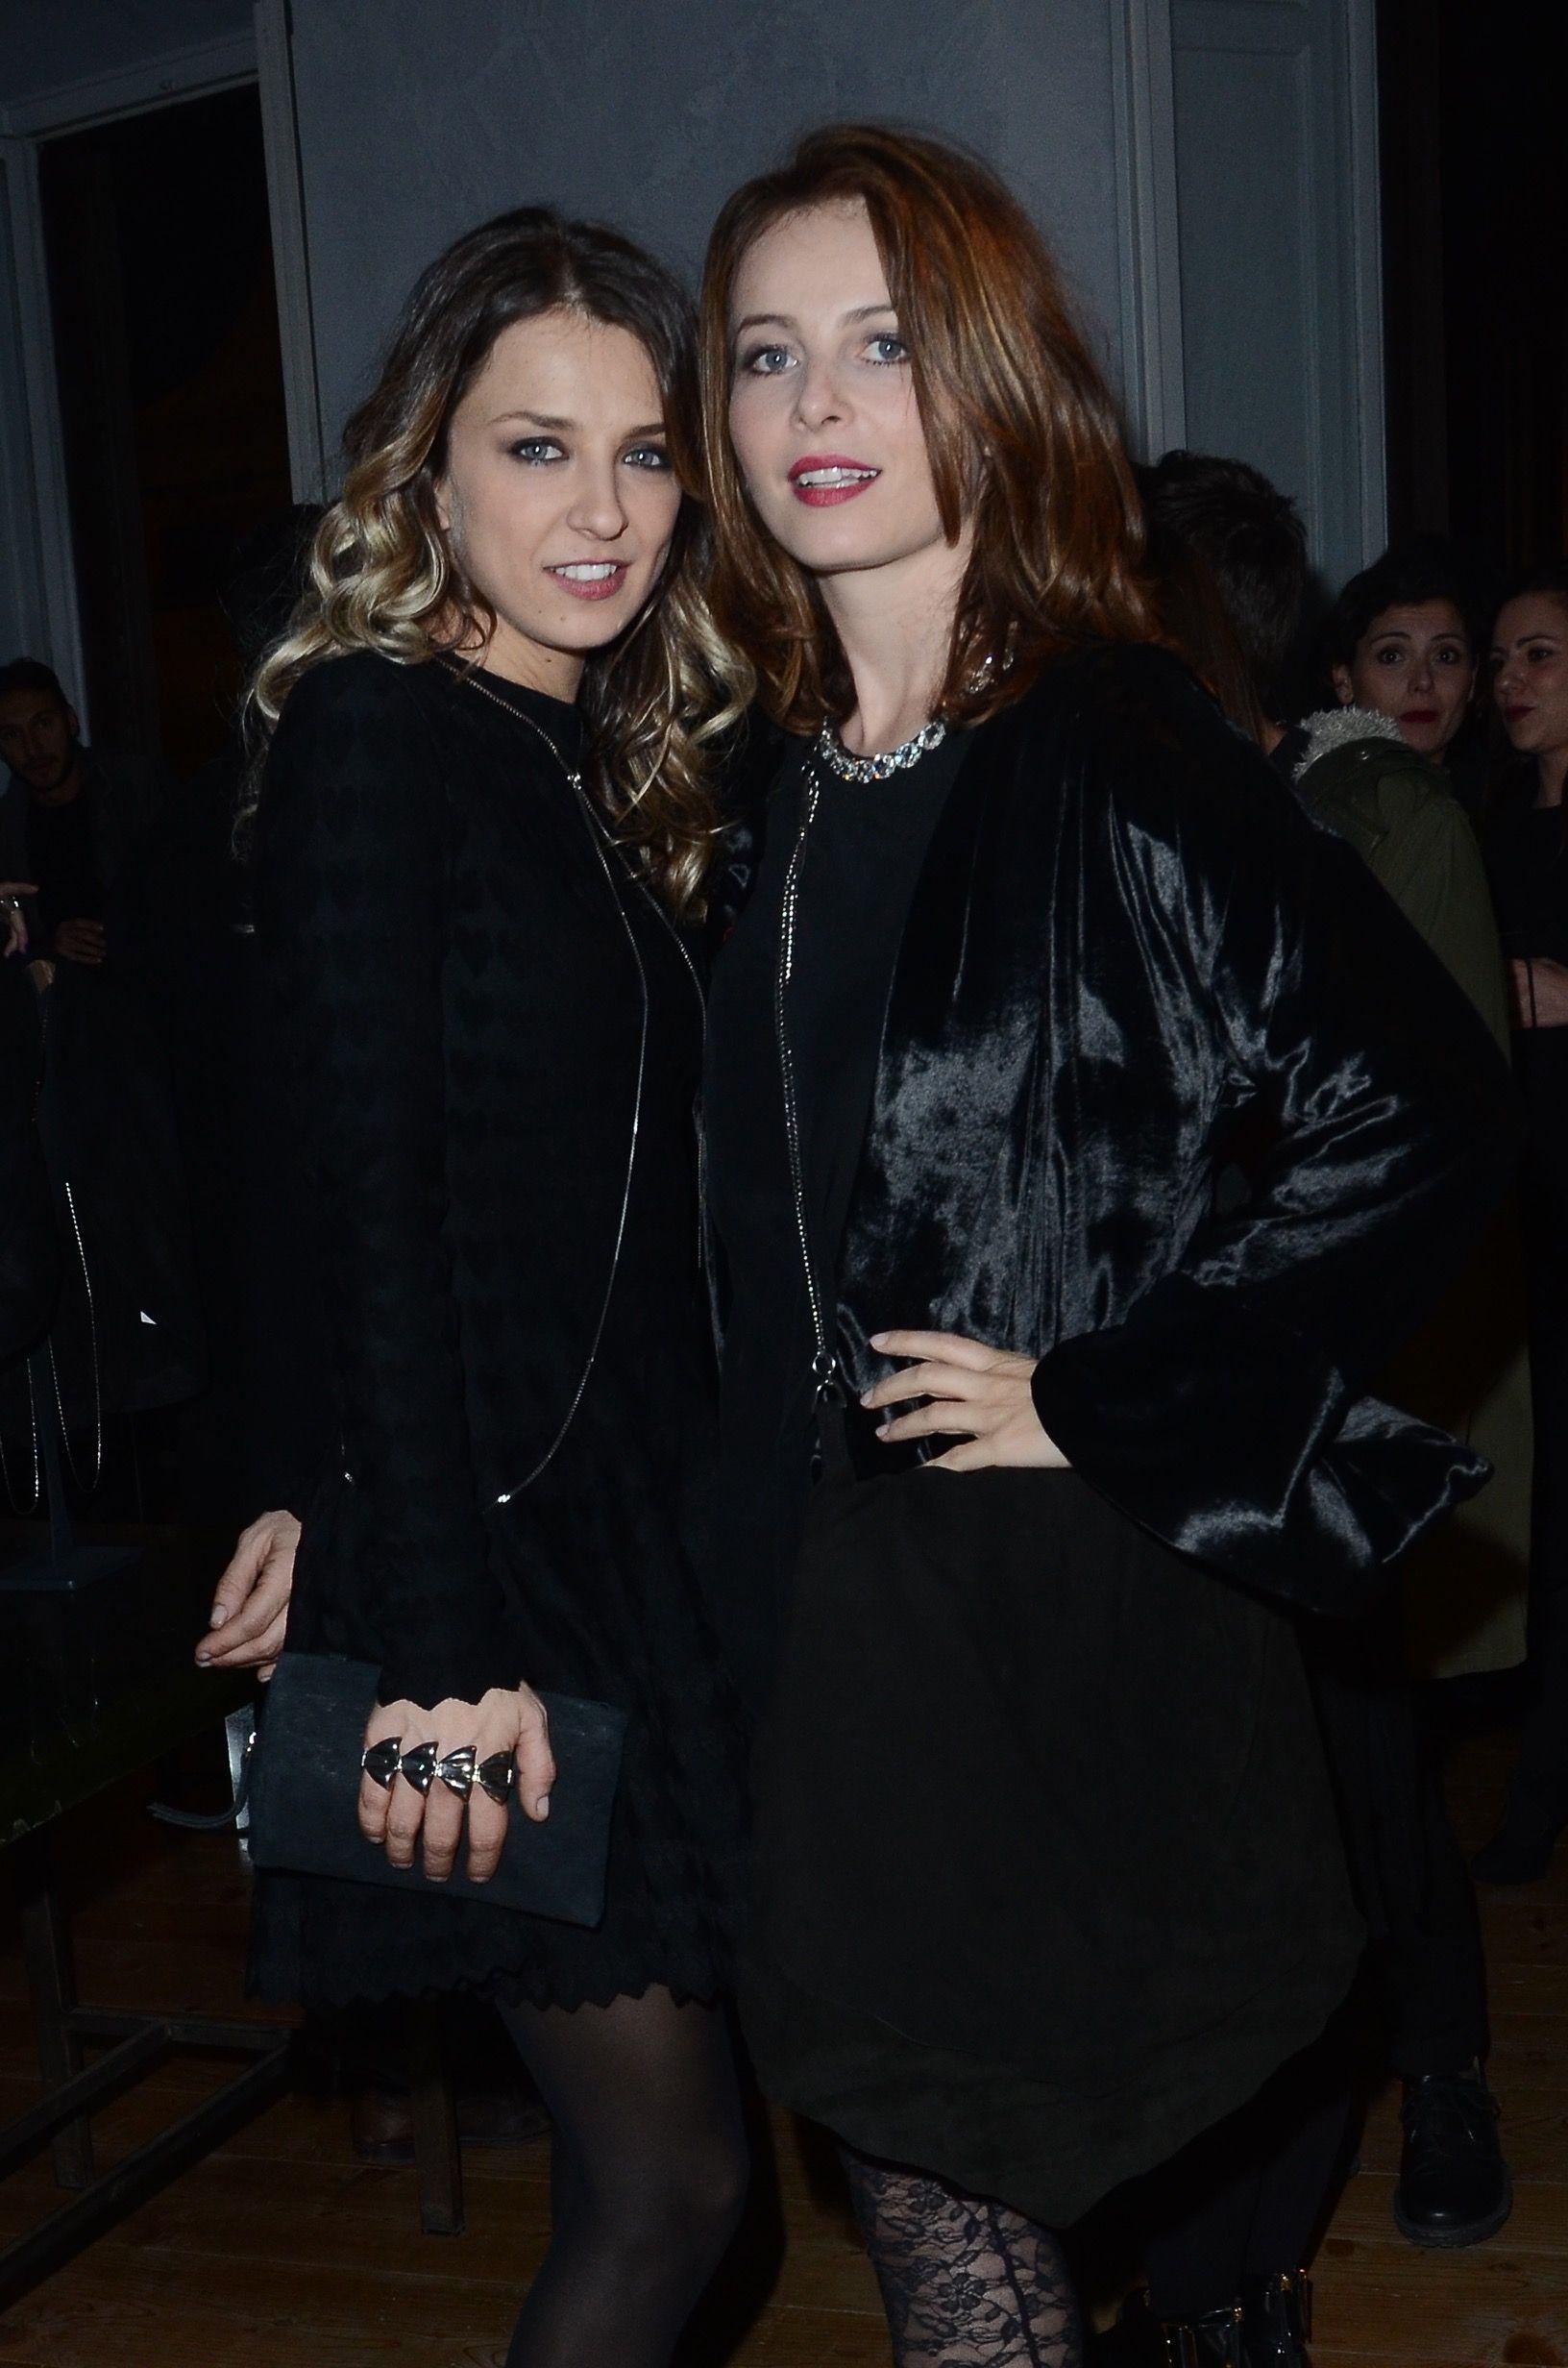 Myriam Catania, Violante Placido Mia D'Arco collection #miadarco #fashion #model #girl #jewels